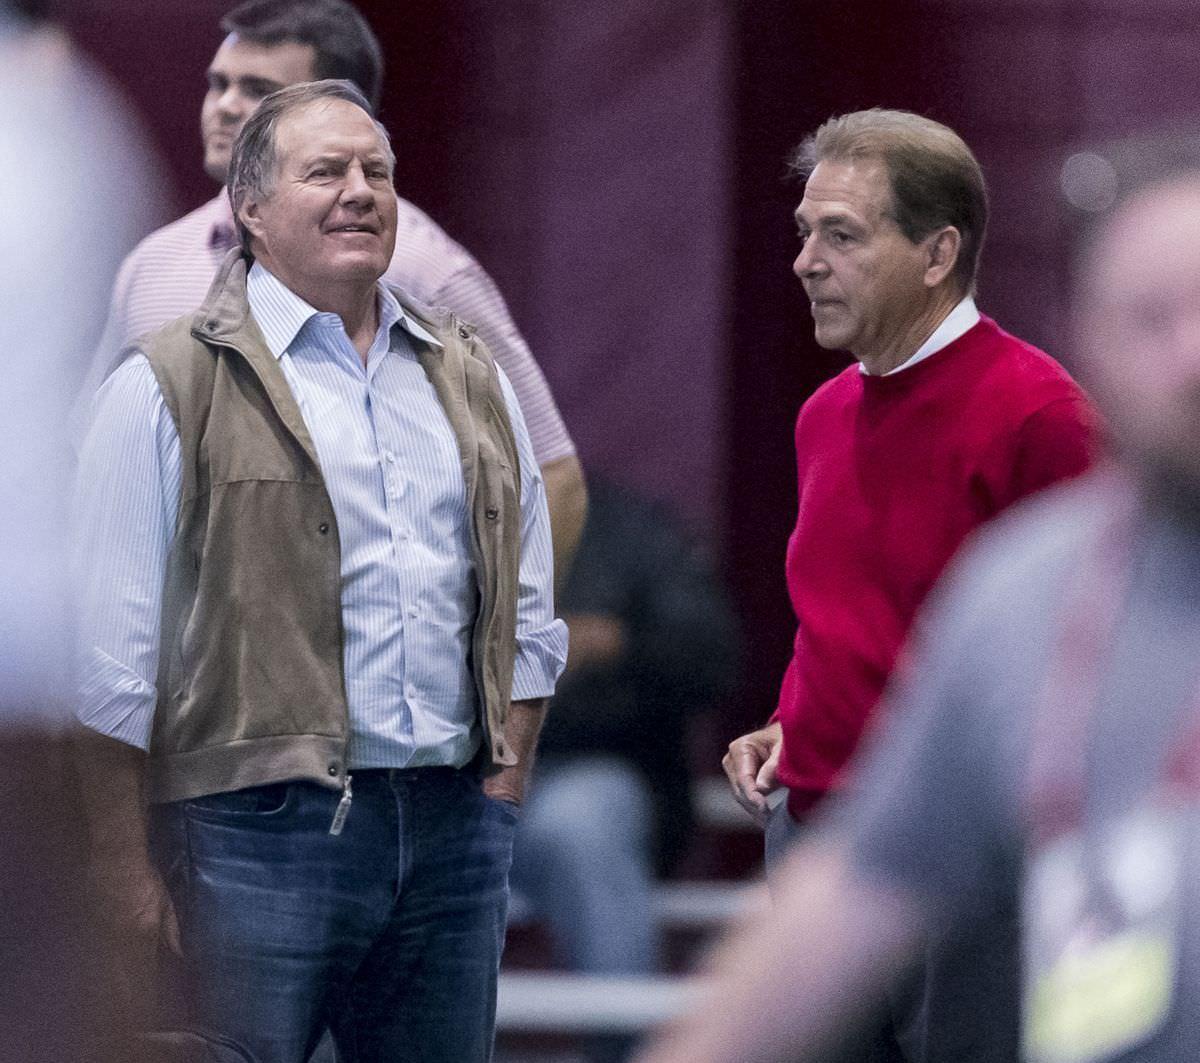 Quando três ex-jogadores do Alabama perderam o NFL, Nick Saban venceu novamente – AL.com